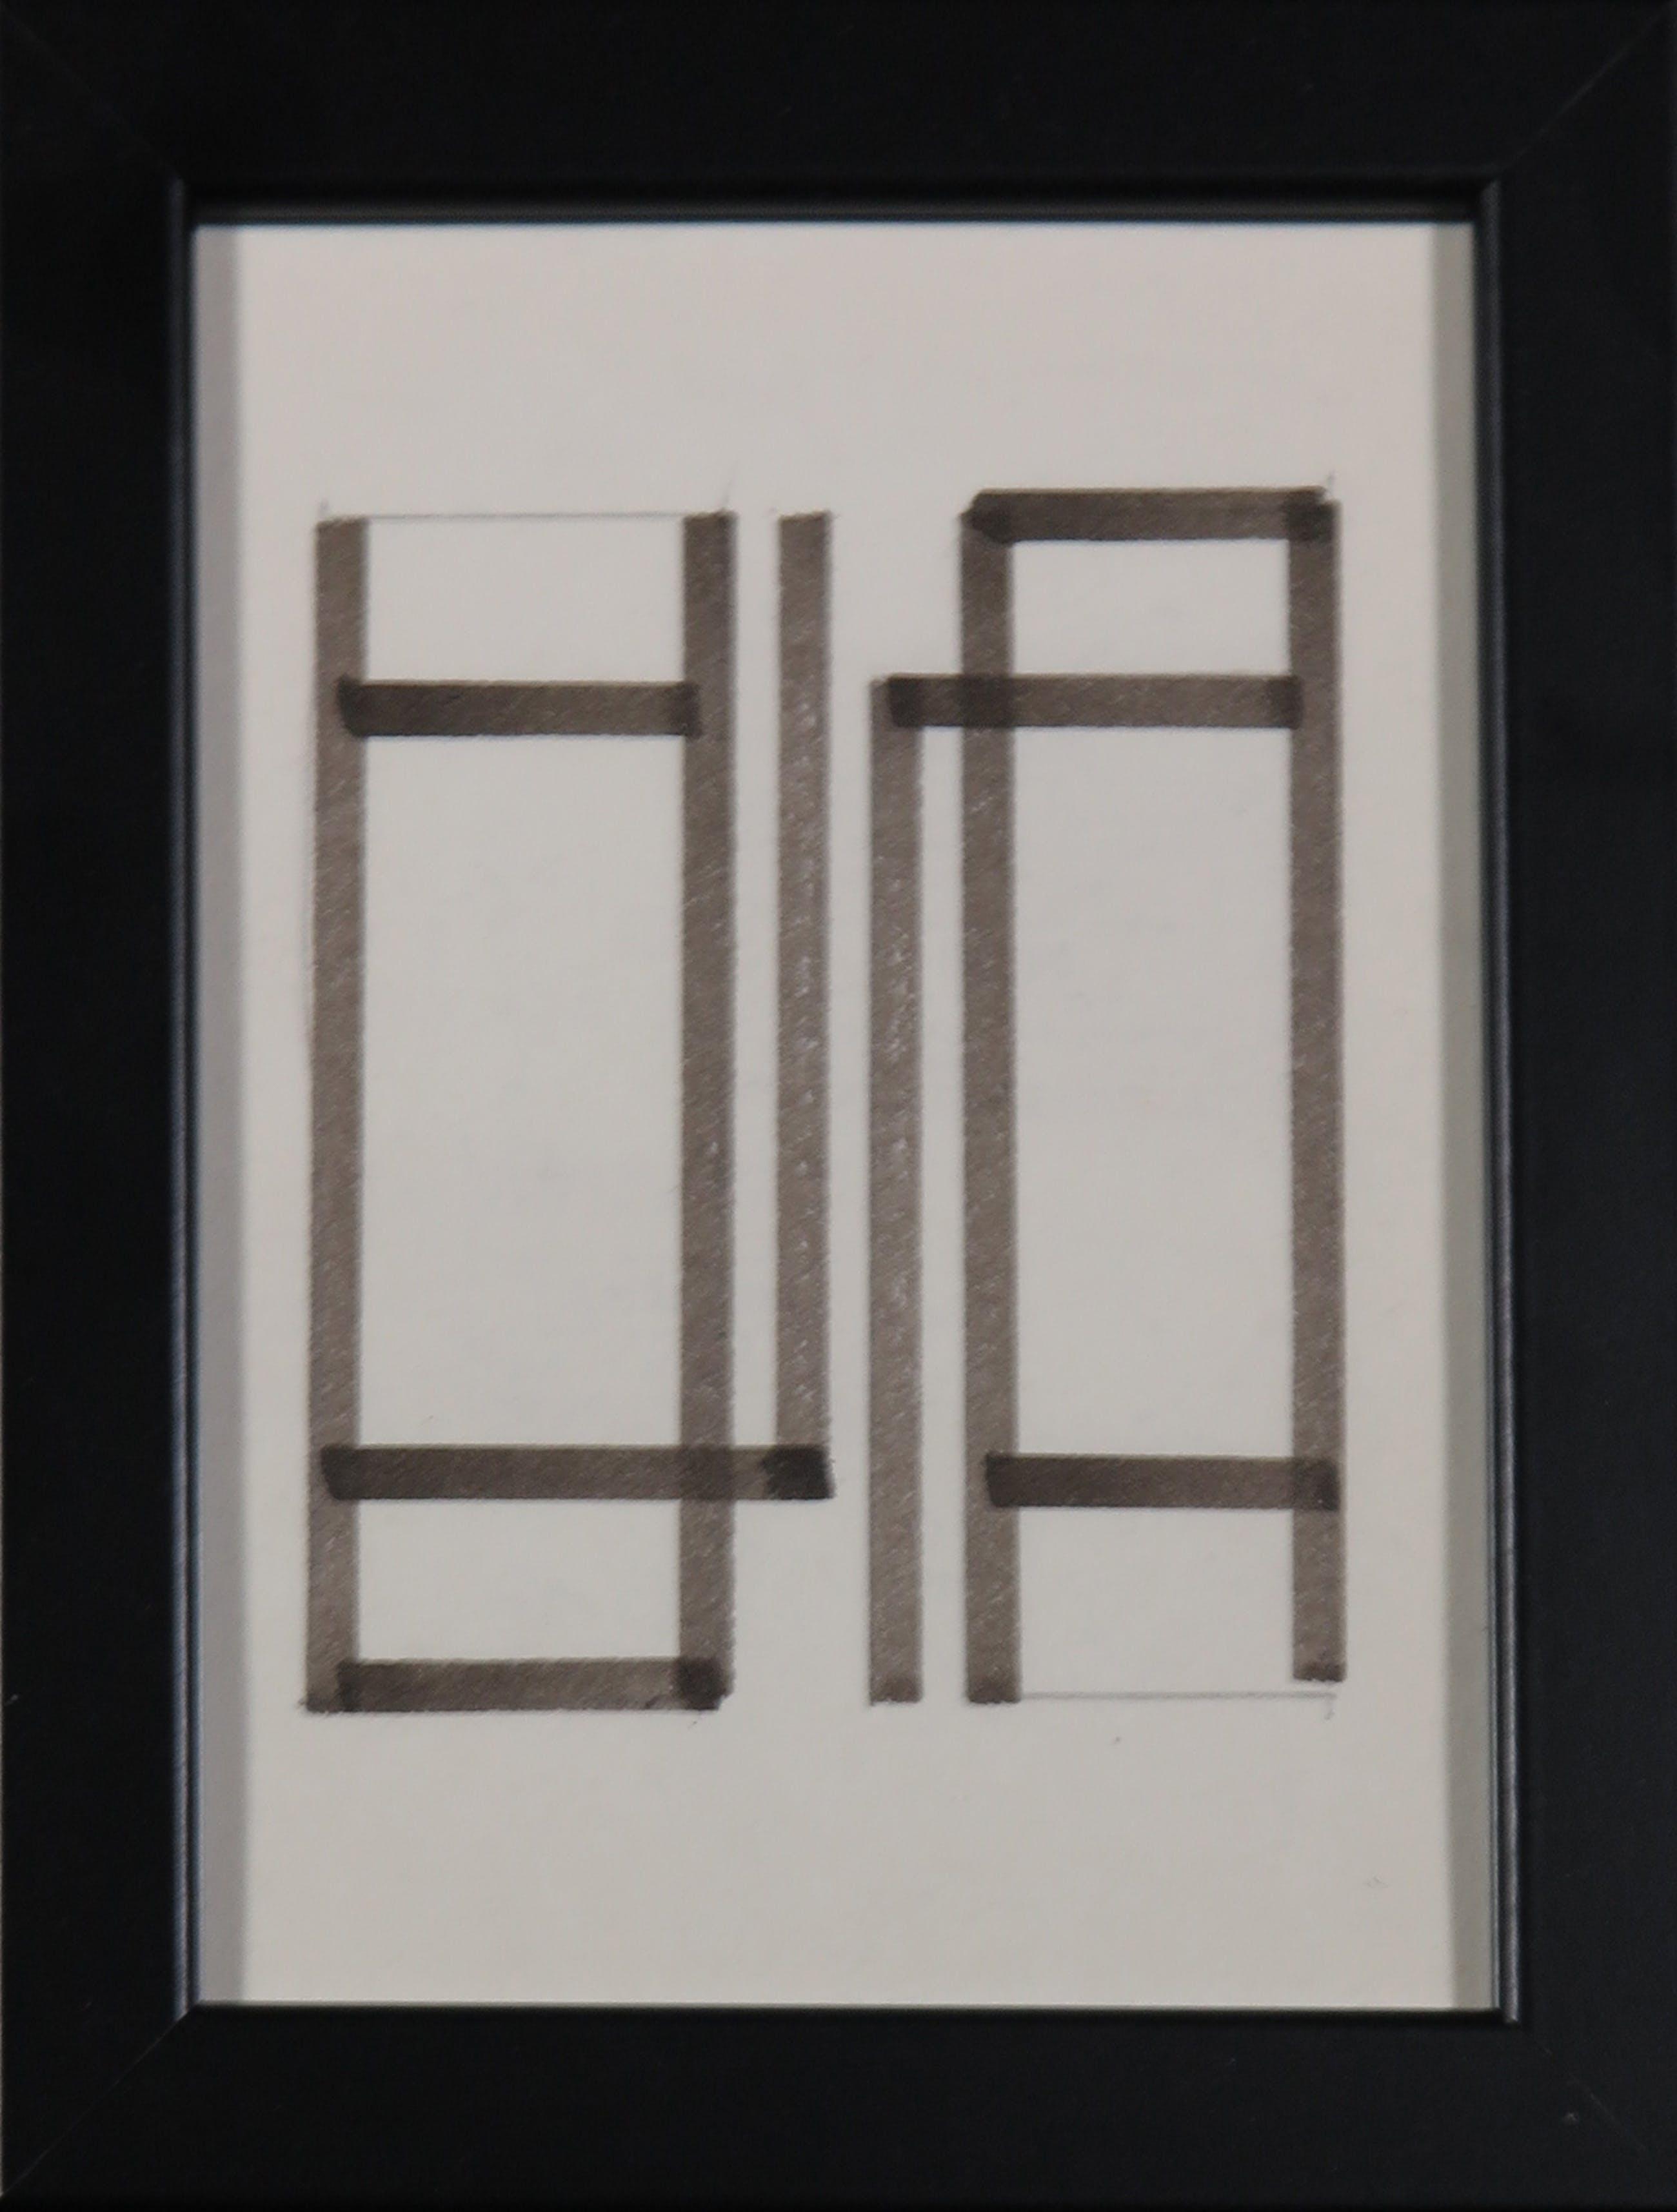 Siep van den Berg - Lot van twee pentekeningen, Geometrisch abstracte composities - Ingelijst kopen? Bied vanaf 35!